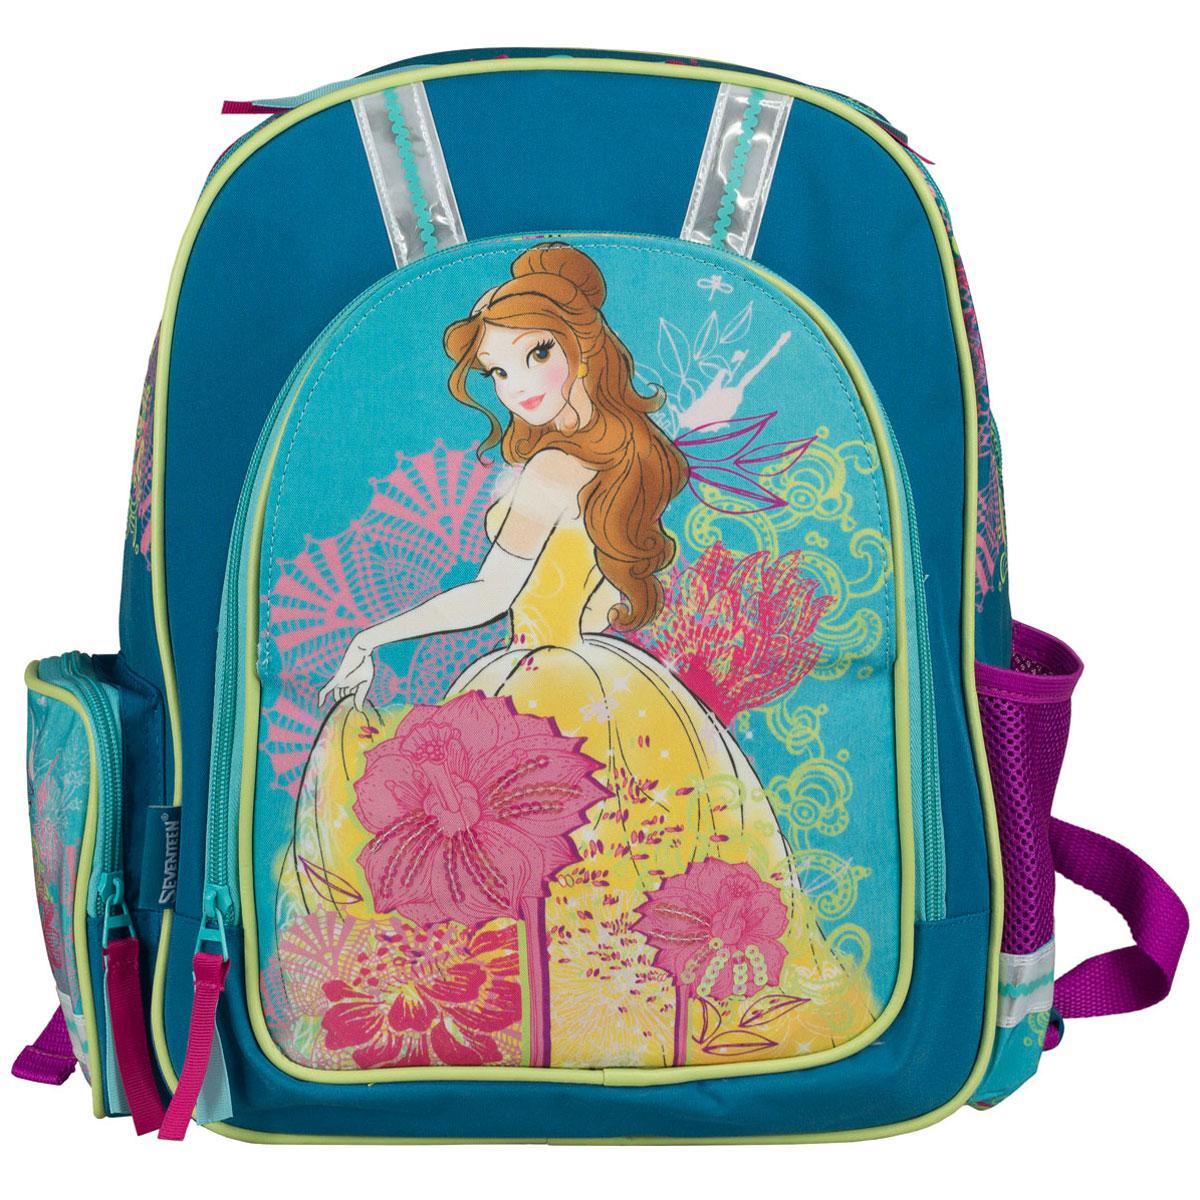 Рюкзак школьный Disney Princess, цвет: сиреневый, бирюзовый. PRCB-RT2-836M72523WDРюкзак школьный Disney Princess обязательно понравится вашей школьнице. Выполнен из прочных и высококачественных материалов, дополнен изображением прекрасной принцессы.Содержит одно вместительное отделение, закрывающееся на застежку-молнию. Внутри отделения находятся две перегородки для тетрадей или учебников, а также открытый карман-сетка. Лицевая сторона оснащена накладным карманом на молнии. Перекидная магнитная панель на лицевой стороне позволяет менять дизайн рюкзака. По бокам расположены два накладных кармана: на застежке-молнии и открытый, стянутый сверху резинкой. Специально разработанная архитектура спинки со стабилизирующими набивными элементами повторяет естественный изгиб позвоночника. Набивные элементы обеспечивают вентиляцию спины ребенка. Плечевые лямки анатомической формы равномерно распределяют нагрузку на плечевую и воротниковую зоны. Конструкция пряжки лямок позволяет отрегулировать рюкзак по фигуре. Рюкзак оснащен эргономичной ручкой для удобной переноски в руке. Светоотражающие элементы обеспечивают безопасность в темное время суток.Многофункциональный школьный рюкзак станет незаменимым спутником вашего ребенка в походах за знаниями.Вес рюкзака без наполнения: 700 г.Рекомендуемый возраст: от 7 лет.